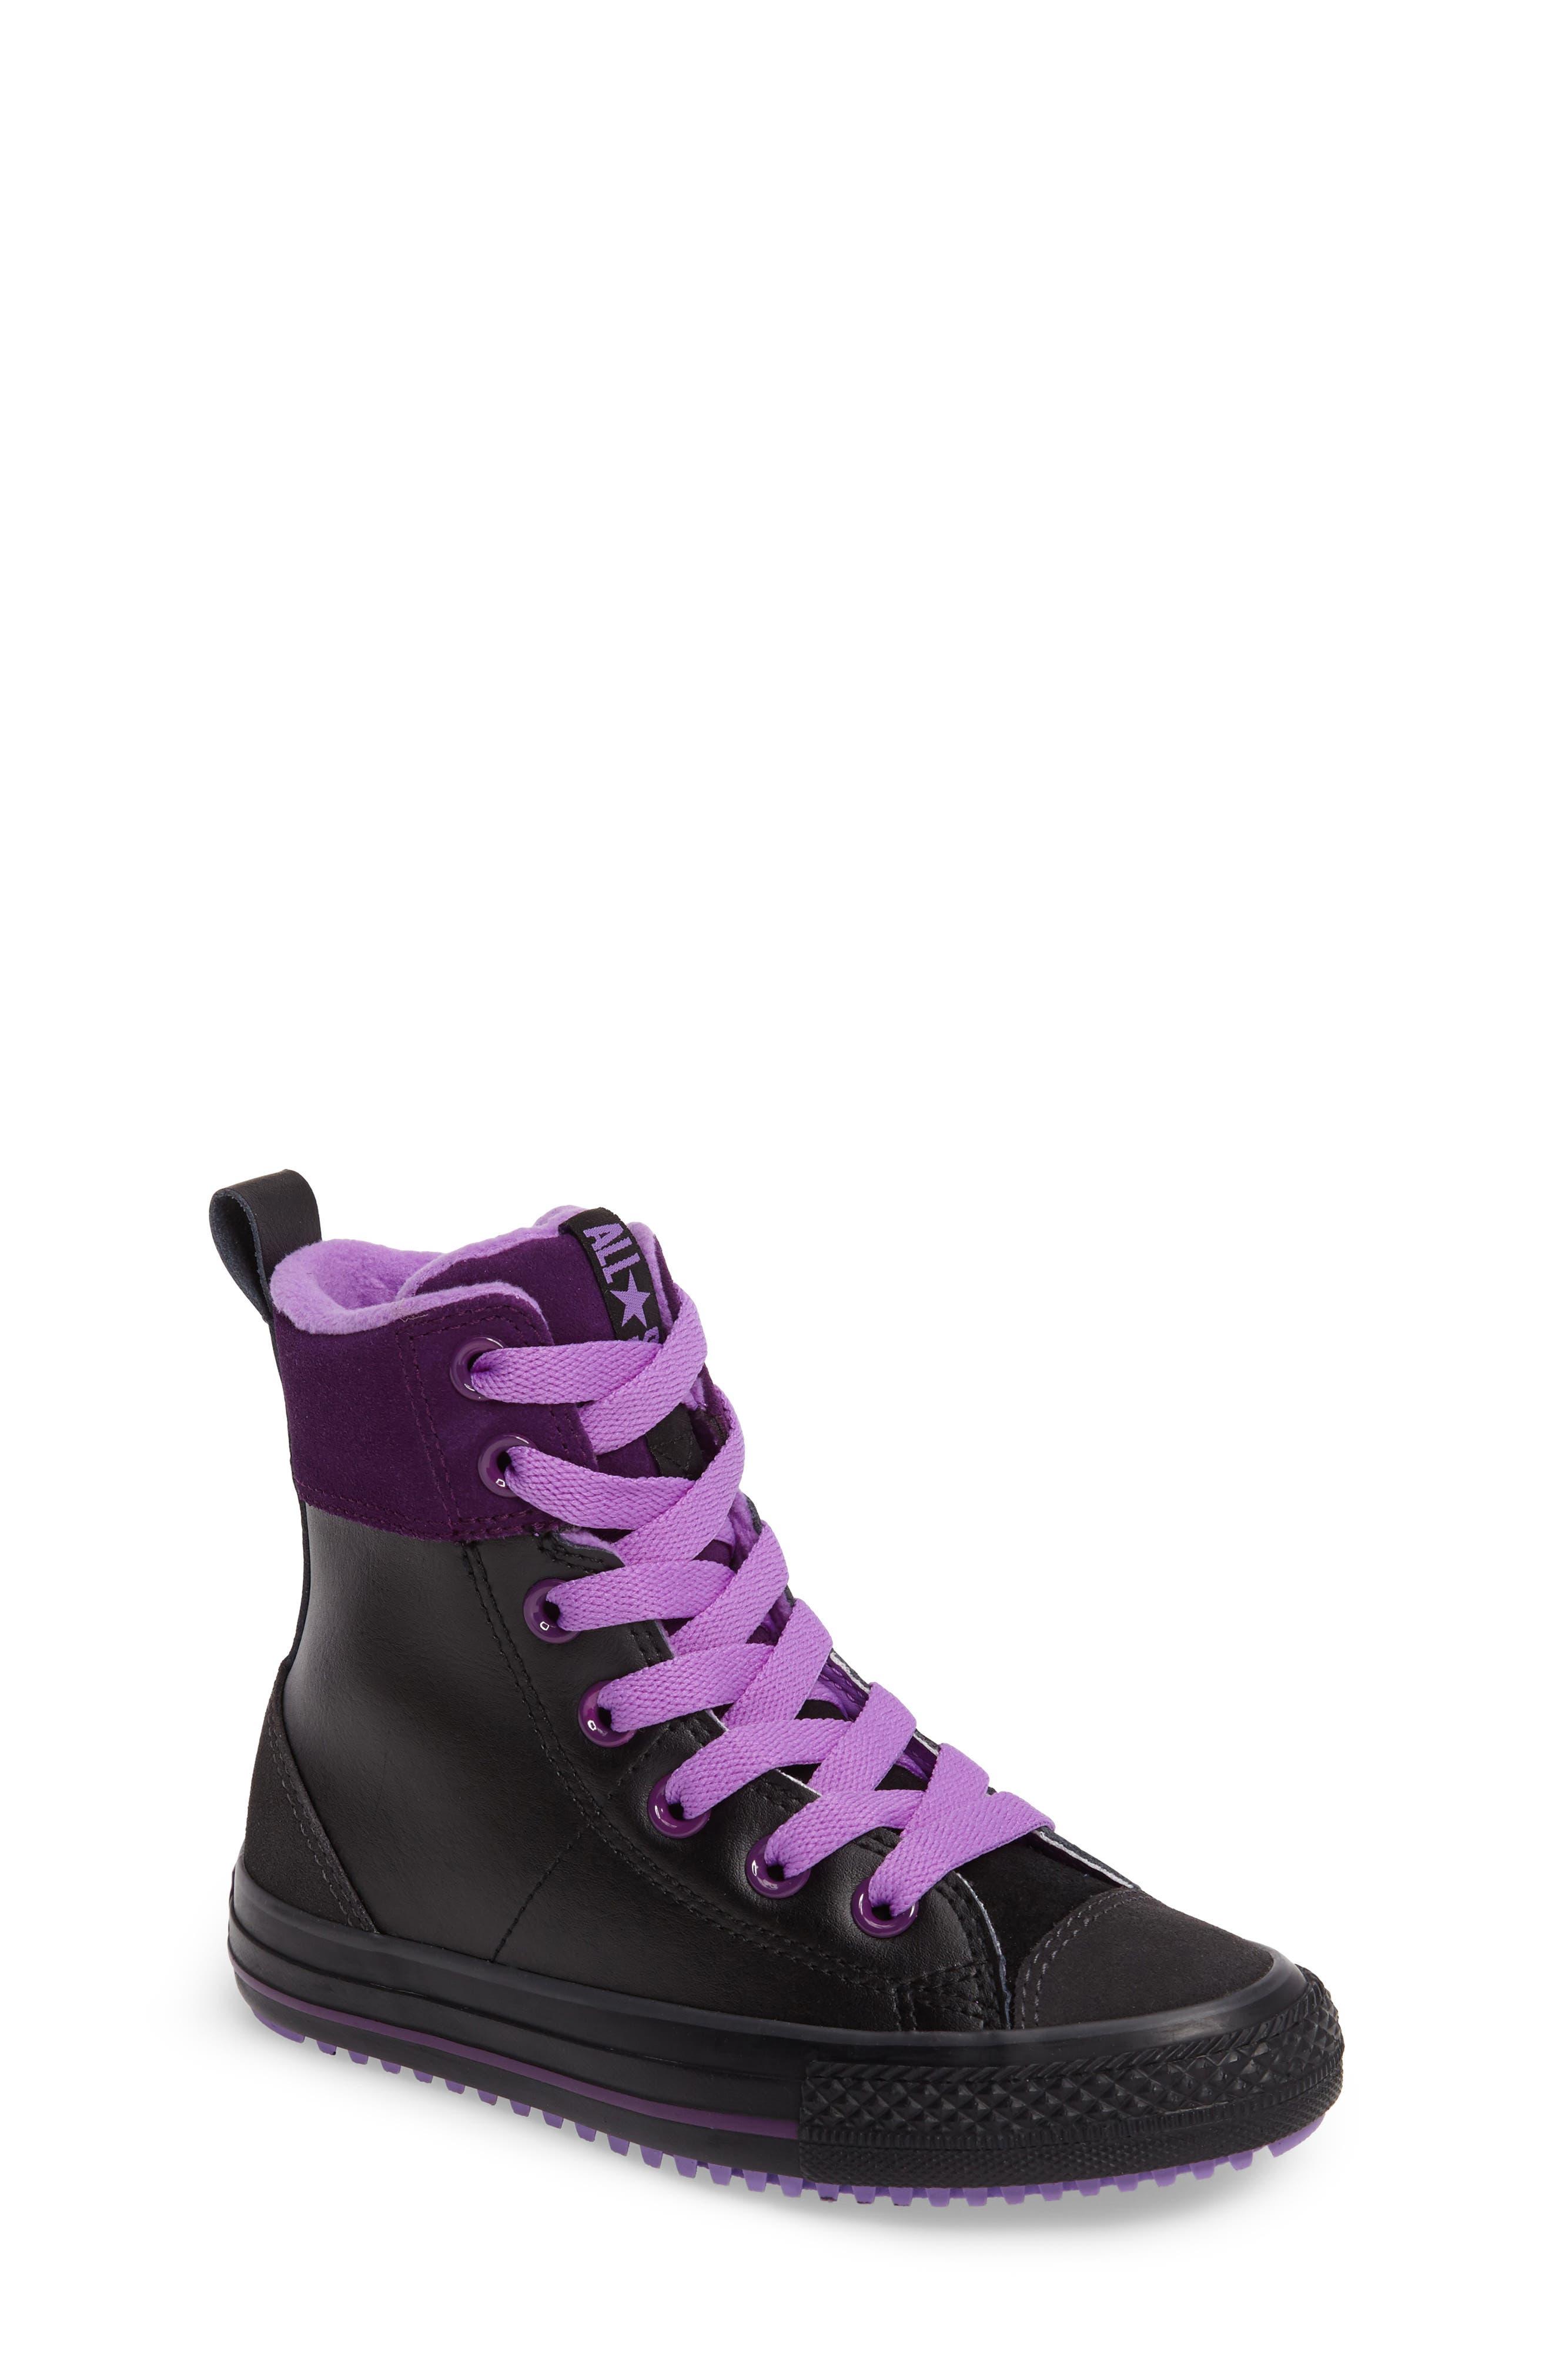 Converse Chuck Taylor® All Star® Asphalt High Top Sneaker (Toddler, Little Kid & Big Kid)